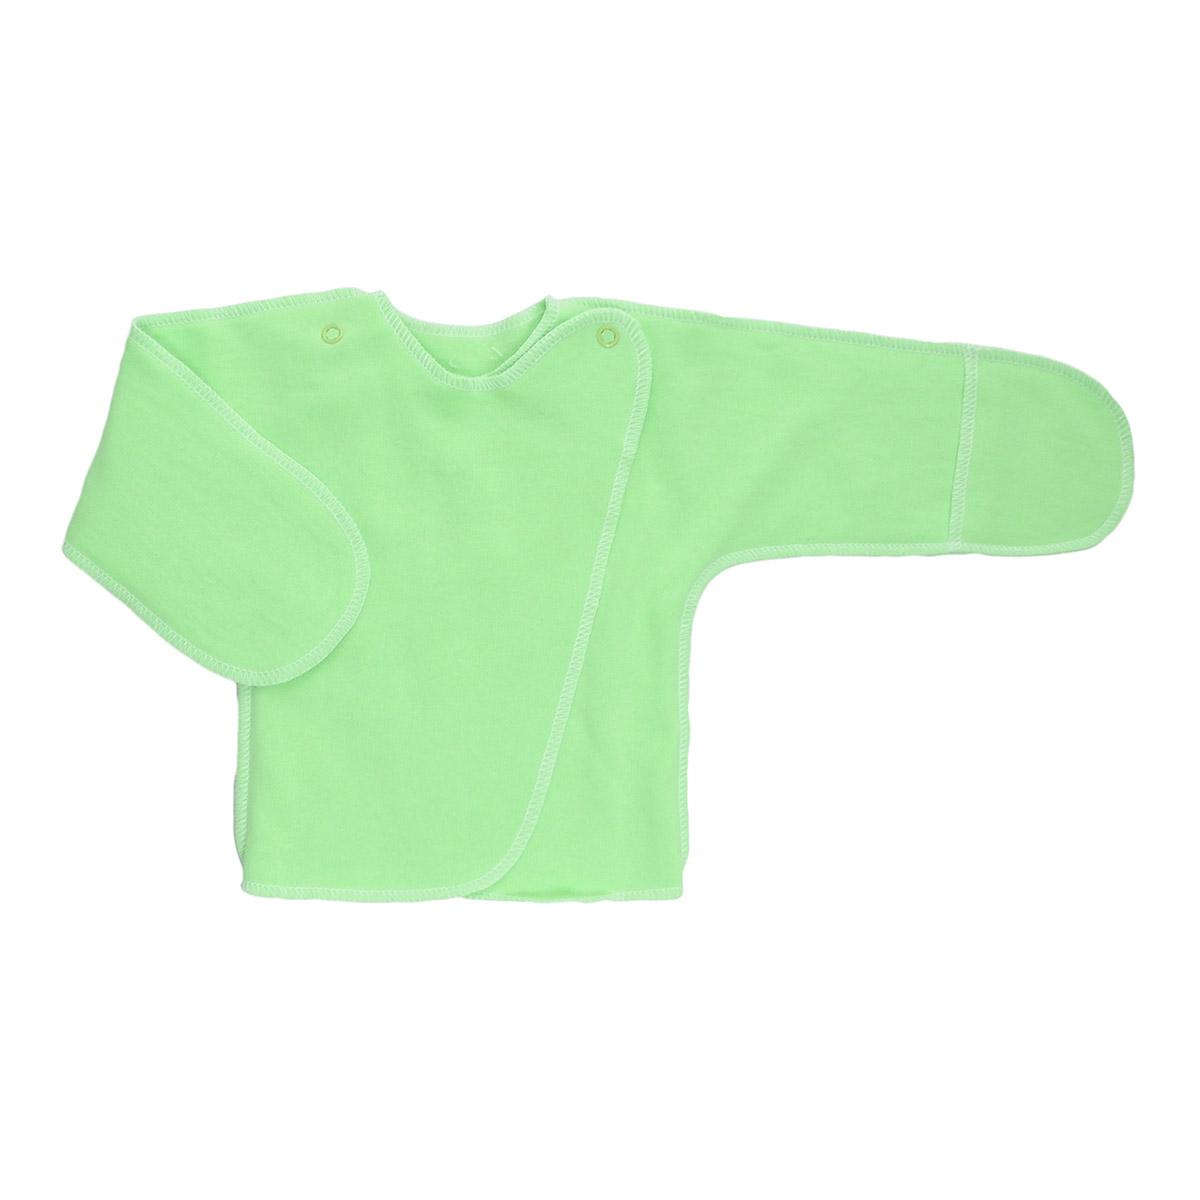 Распашонка Трон-Плюс, цвет: светло-зеленый. 5023 . Размер 50, 0-1 месяц5023Распашонка с закрытыми ручками Трон-плюс послужит идеальным дополнением к гардеробу младенца. Распашонка, выполненная швами наружу, изготовлена из футера - натурального плотного хлопка, благодаря чему она необычайно мягкая, легкая и теплая, не раздражает нежную кожу ребенка и хорошо вентилируется, а эластичные швы приятны телу младенца и не препятствуют его движениям. Распашонка с запахом, застегивается при помощи двух кнопок на плечах, которые позволяют без труда переодеть ребенка. Благодаря рукавичкам ребенок не поцарапает себя.